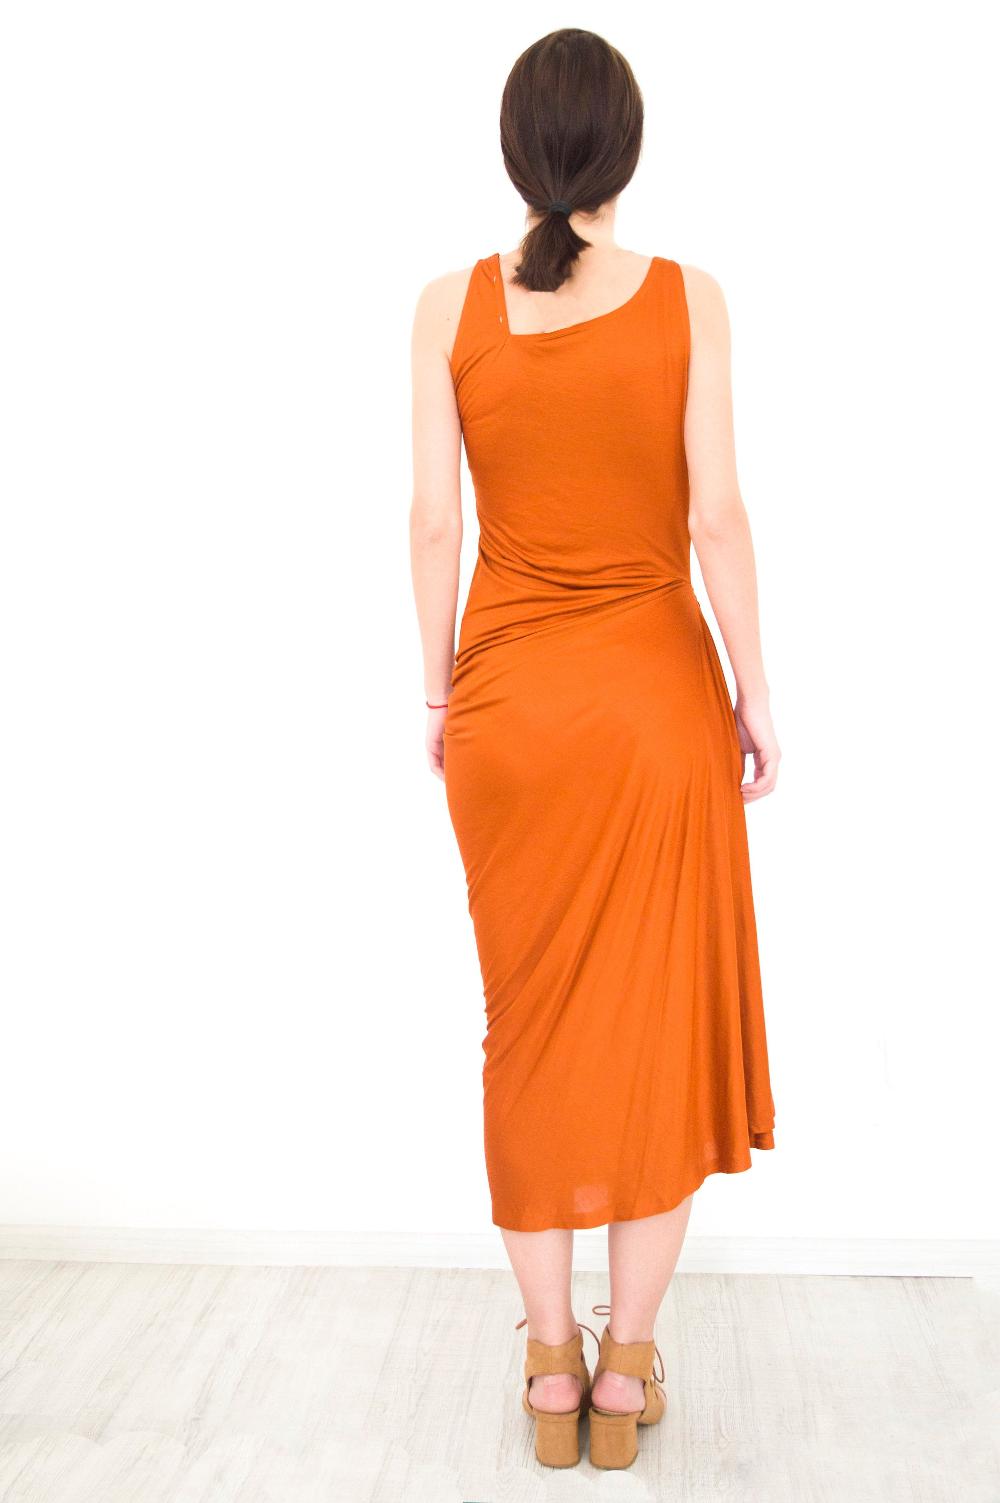 Casual Midi Dresssummer Midi Dressladies Orange Dressplus Etsy In 2020 Midi Dress Summer Womens Beach Dresses Midi Dress Casual [ 1503 x 1000 Pixel ]